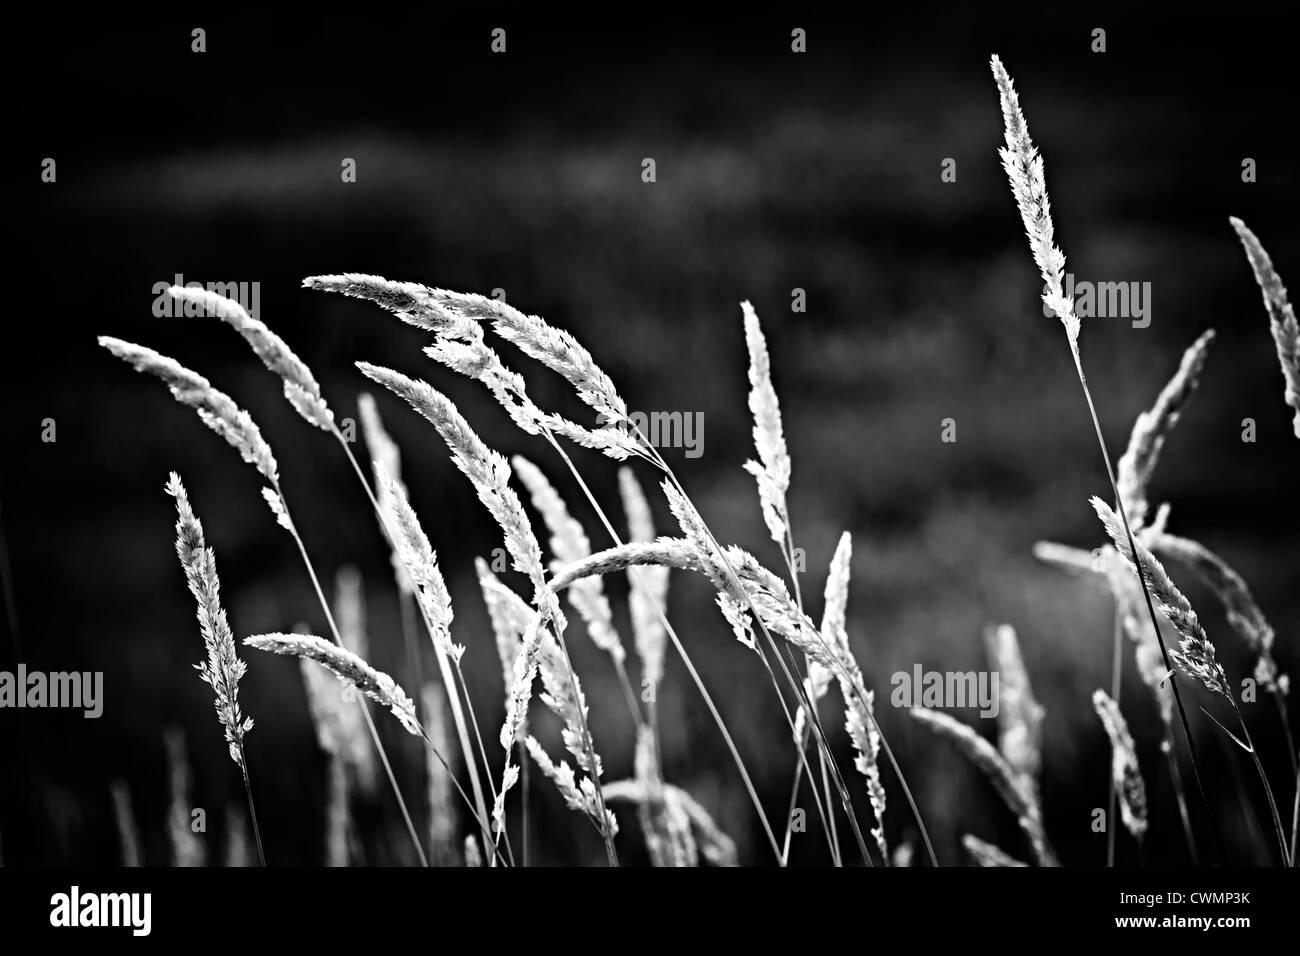 De plus en plus de tiges de graminées sauvages haut en noir et blanc Photo Stock